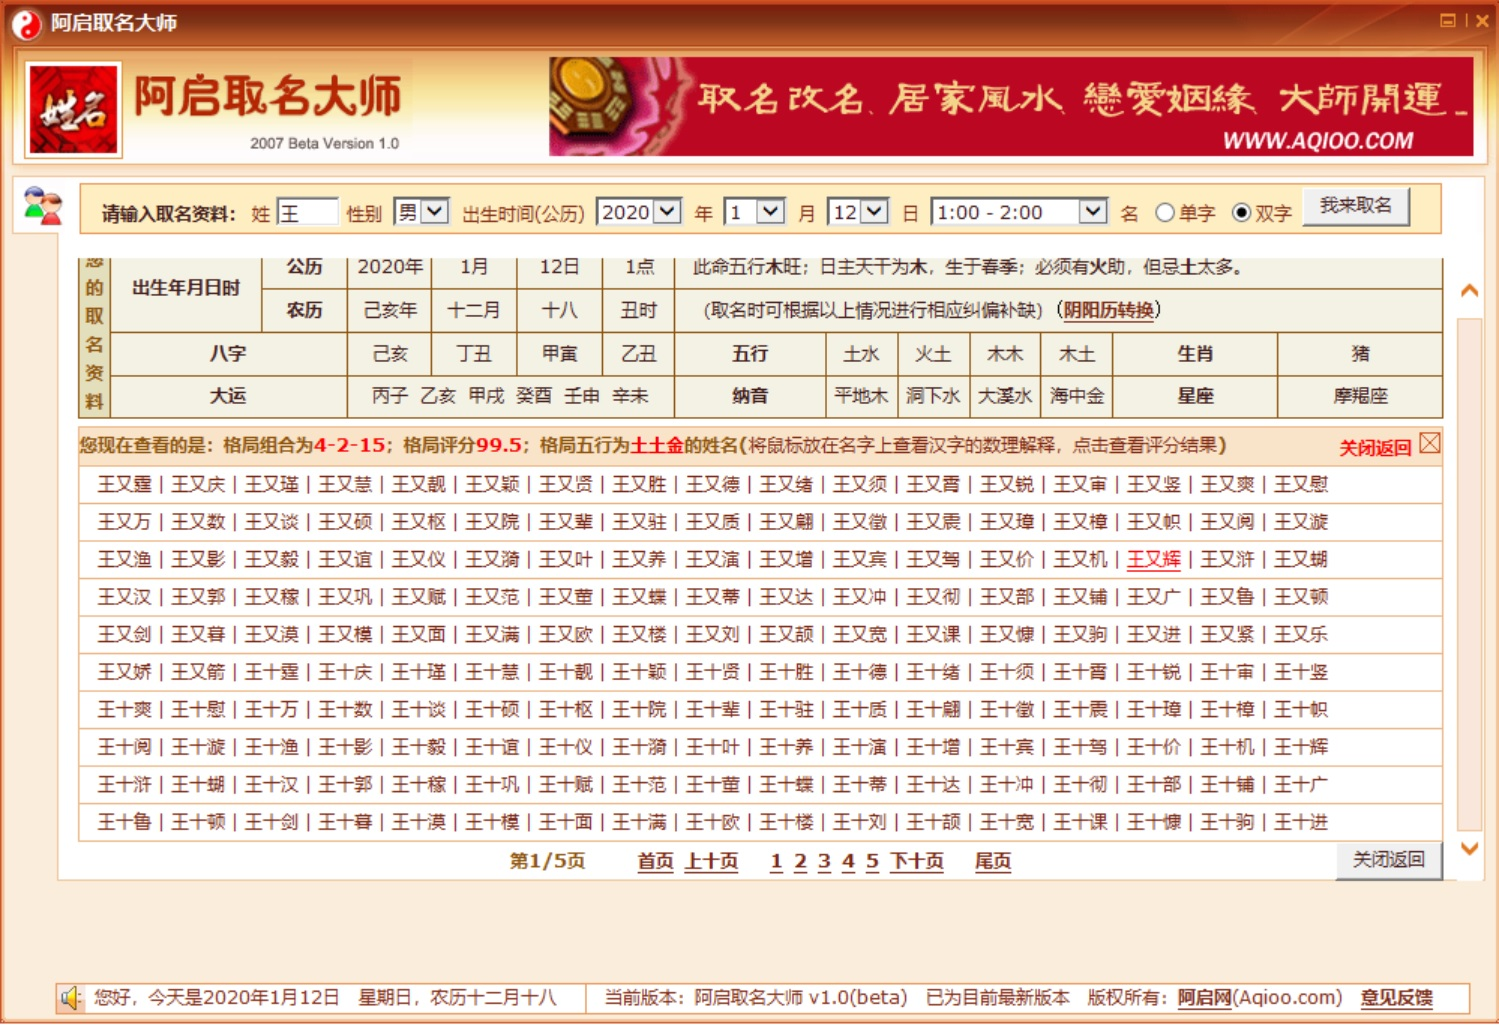 阿启取名大师单文件版.jpg